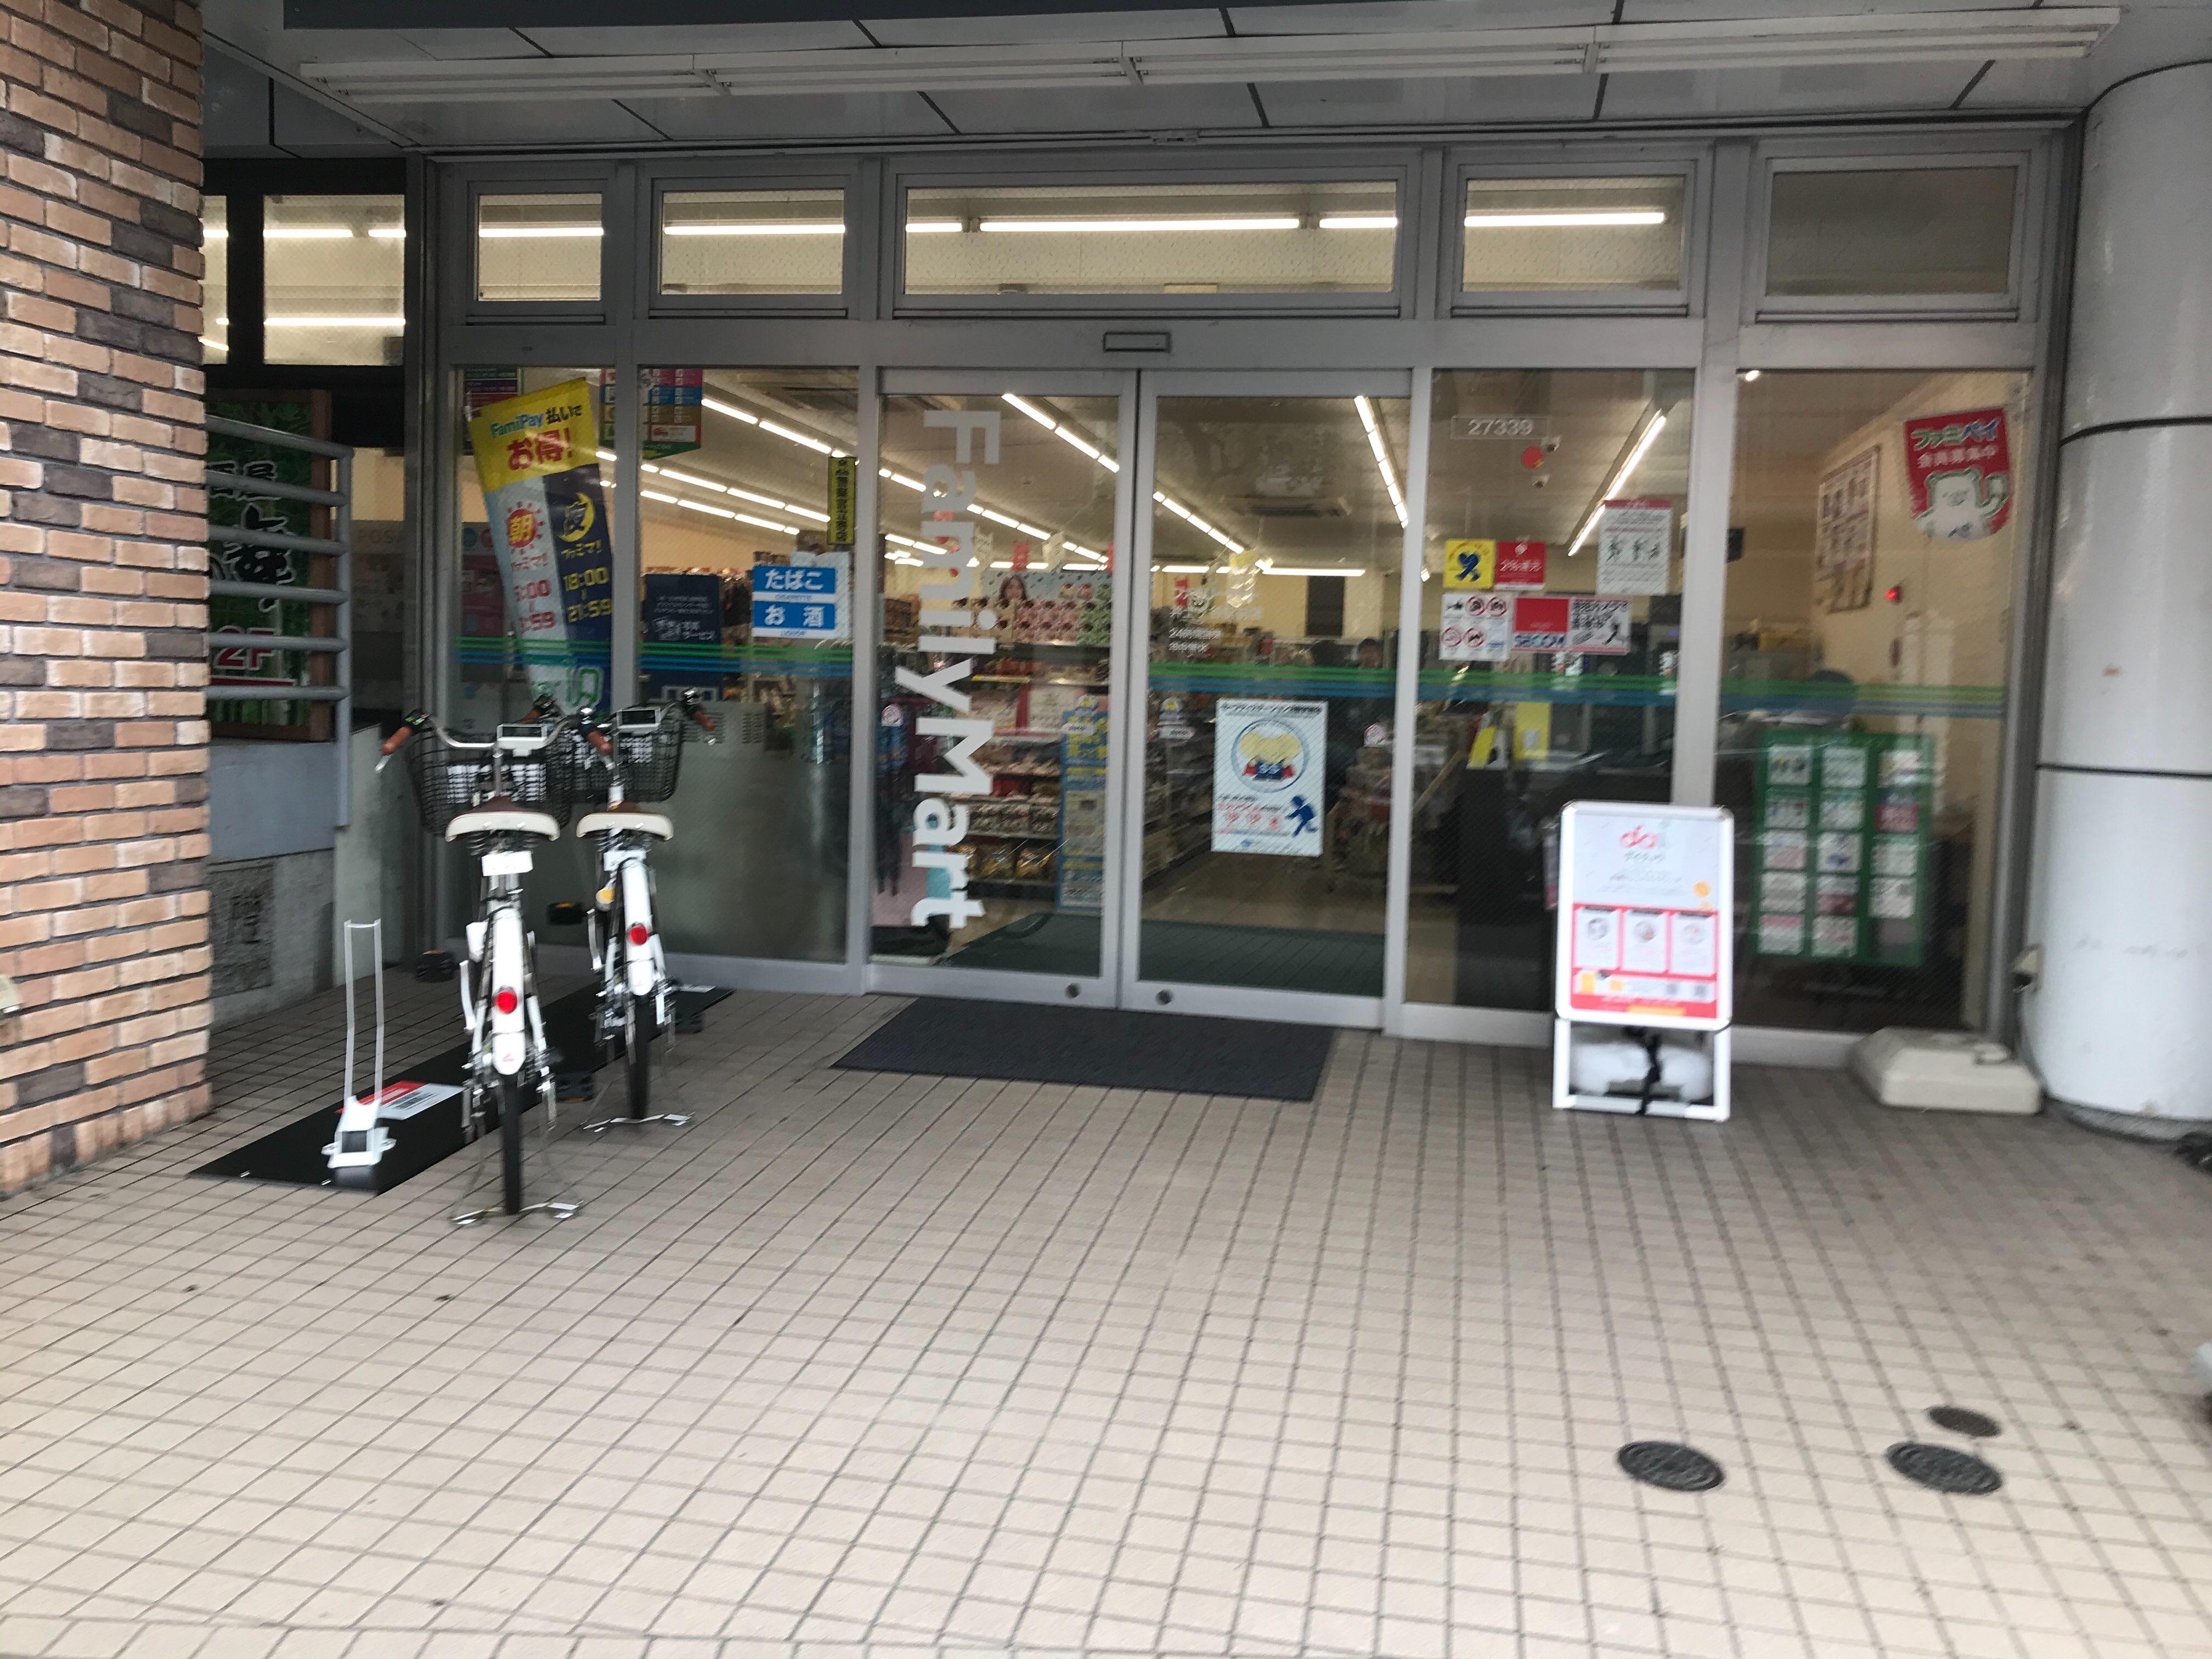 ファミリーマート 井土ヶ谷駅前店 (HELLO CYCLING ポート) image